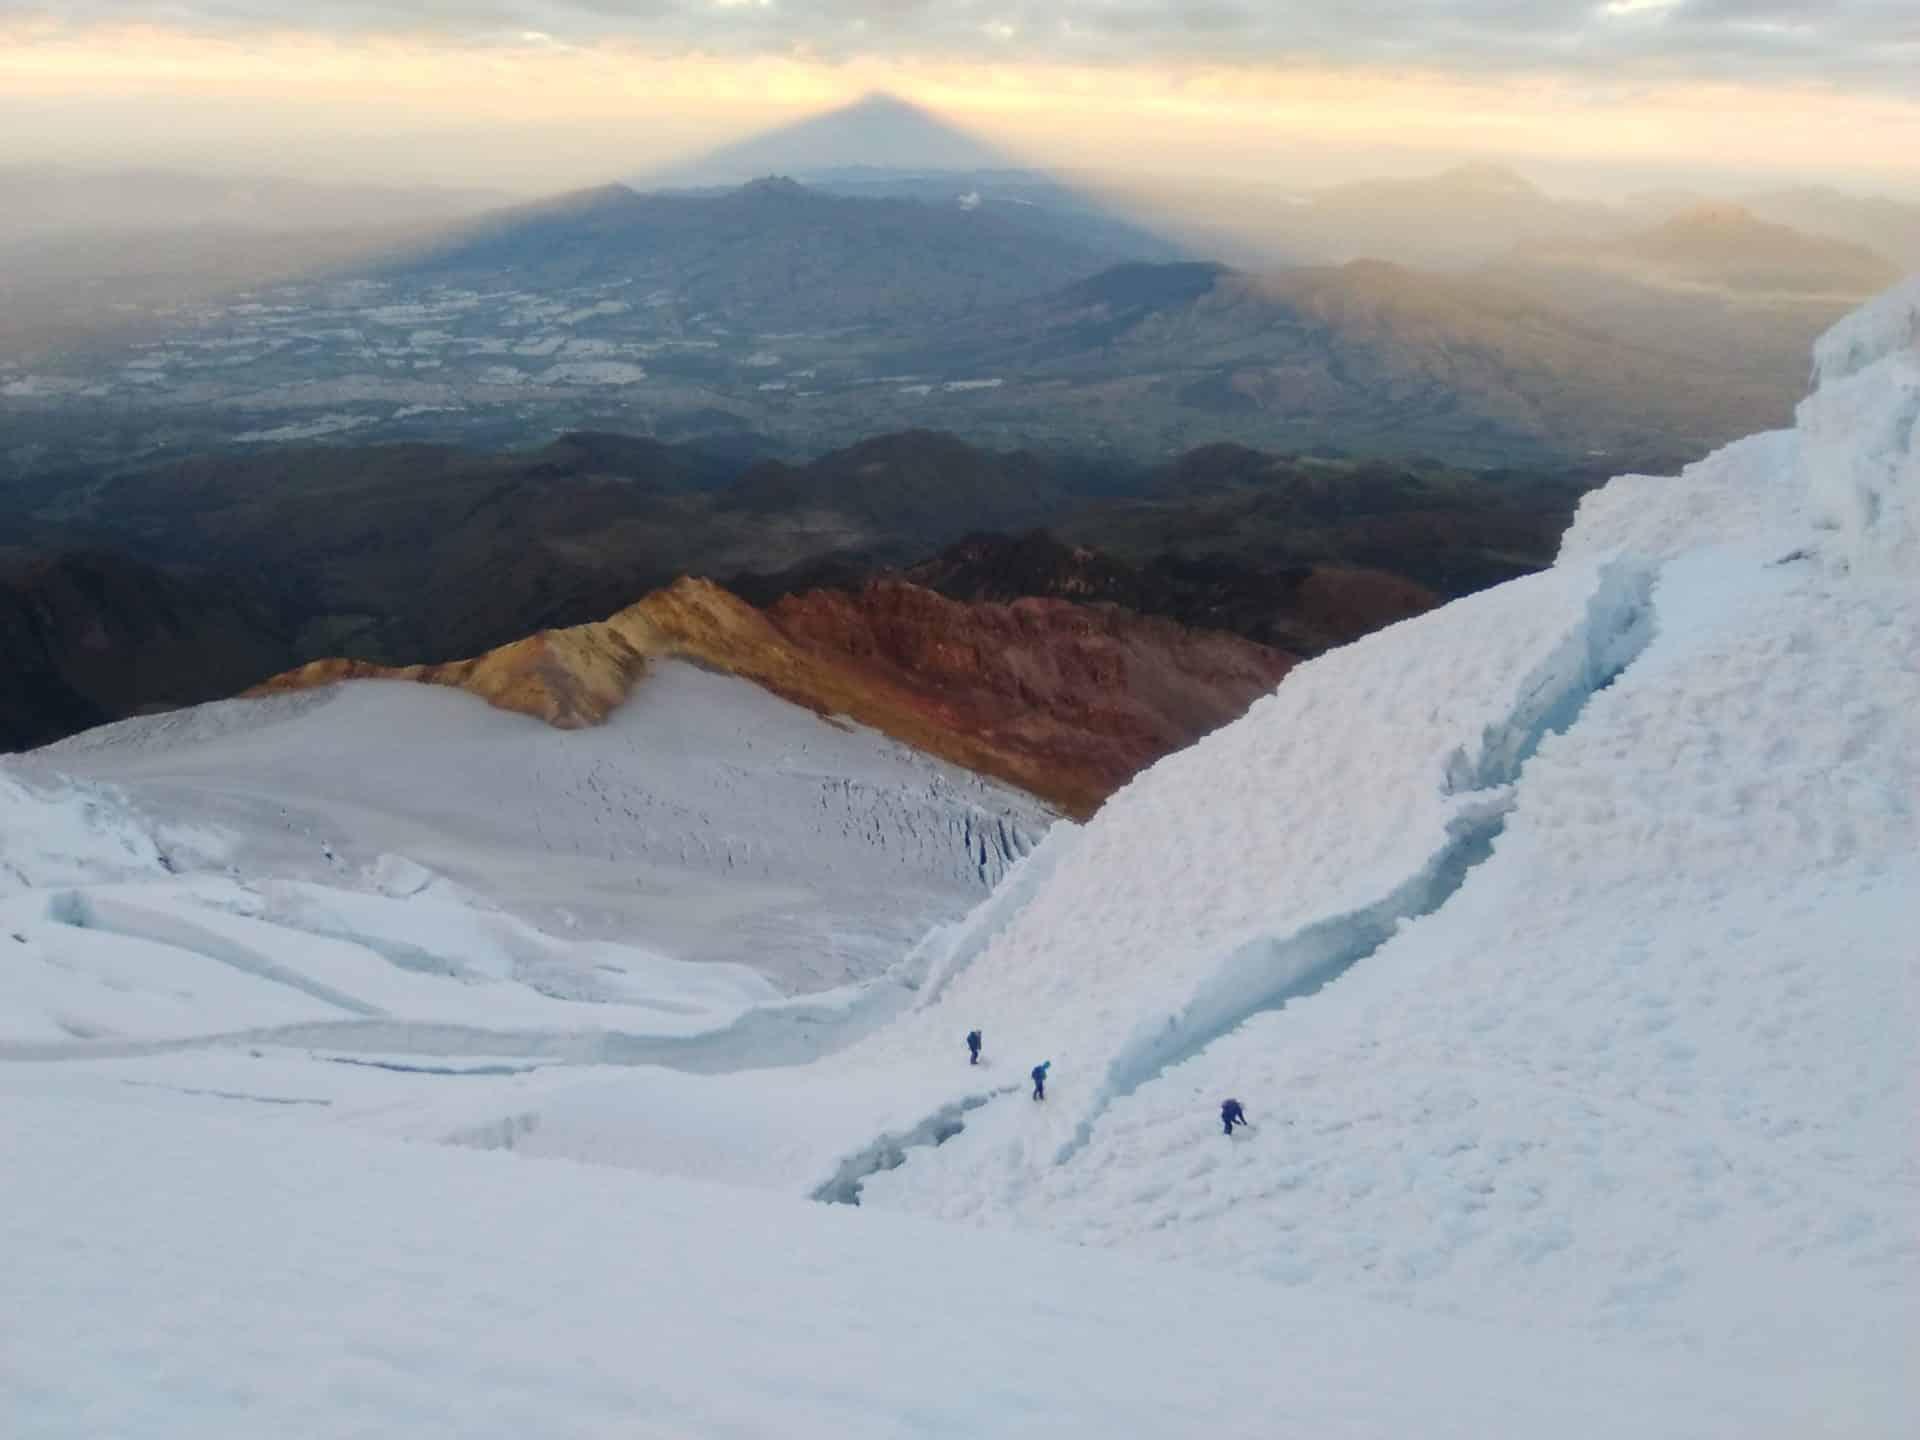 Cayambe, Chimborazo, 11 Day Guided Ascents